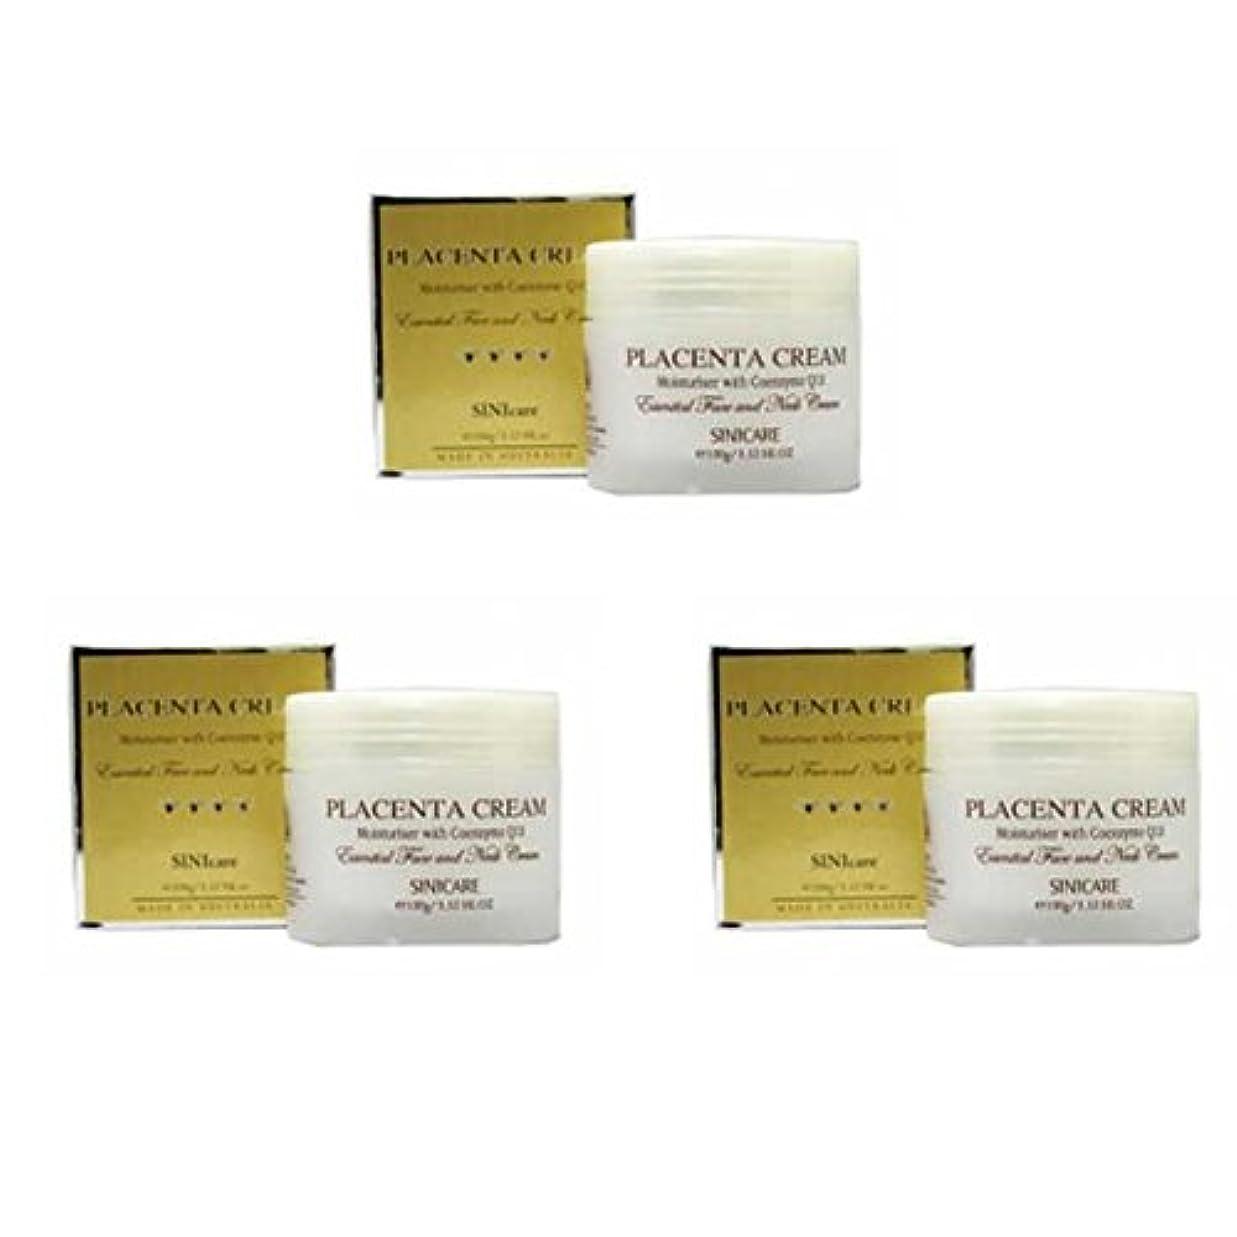 借りる有毒ペンダント[Sini Care]Q10配合 プラセンタクリーム(Placenta Cream with Q10)100g ×3個セット[海外直送品]